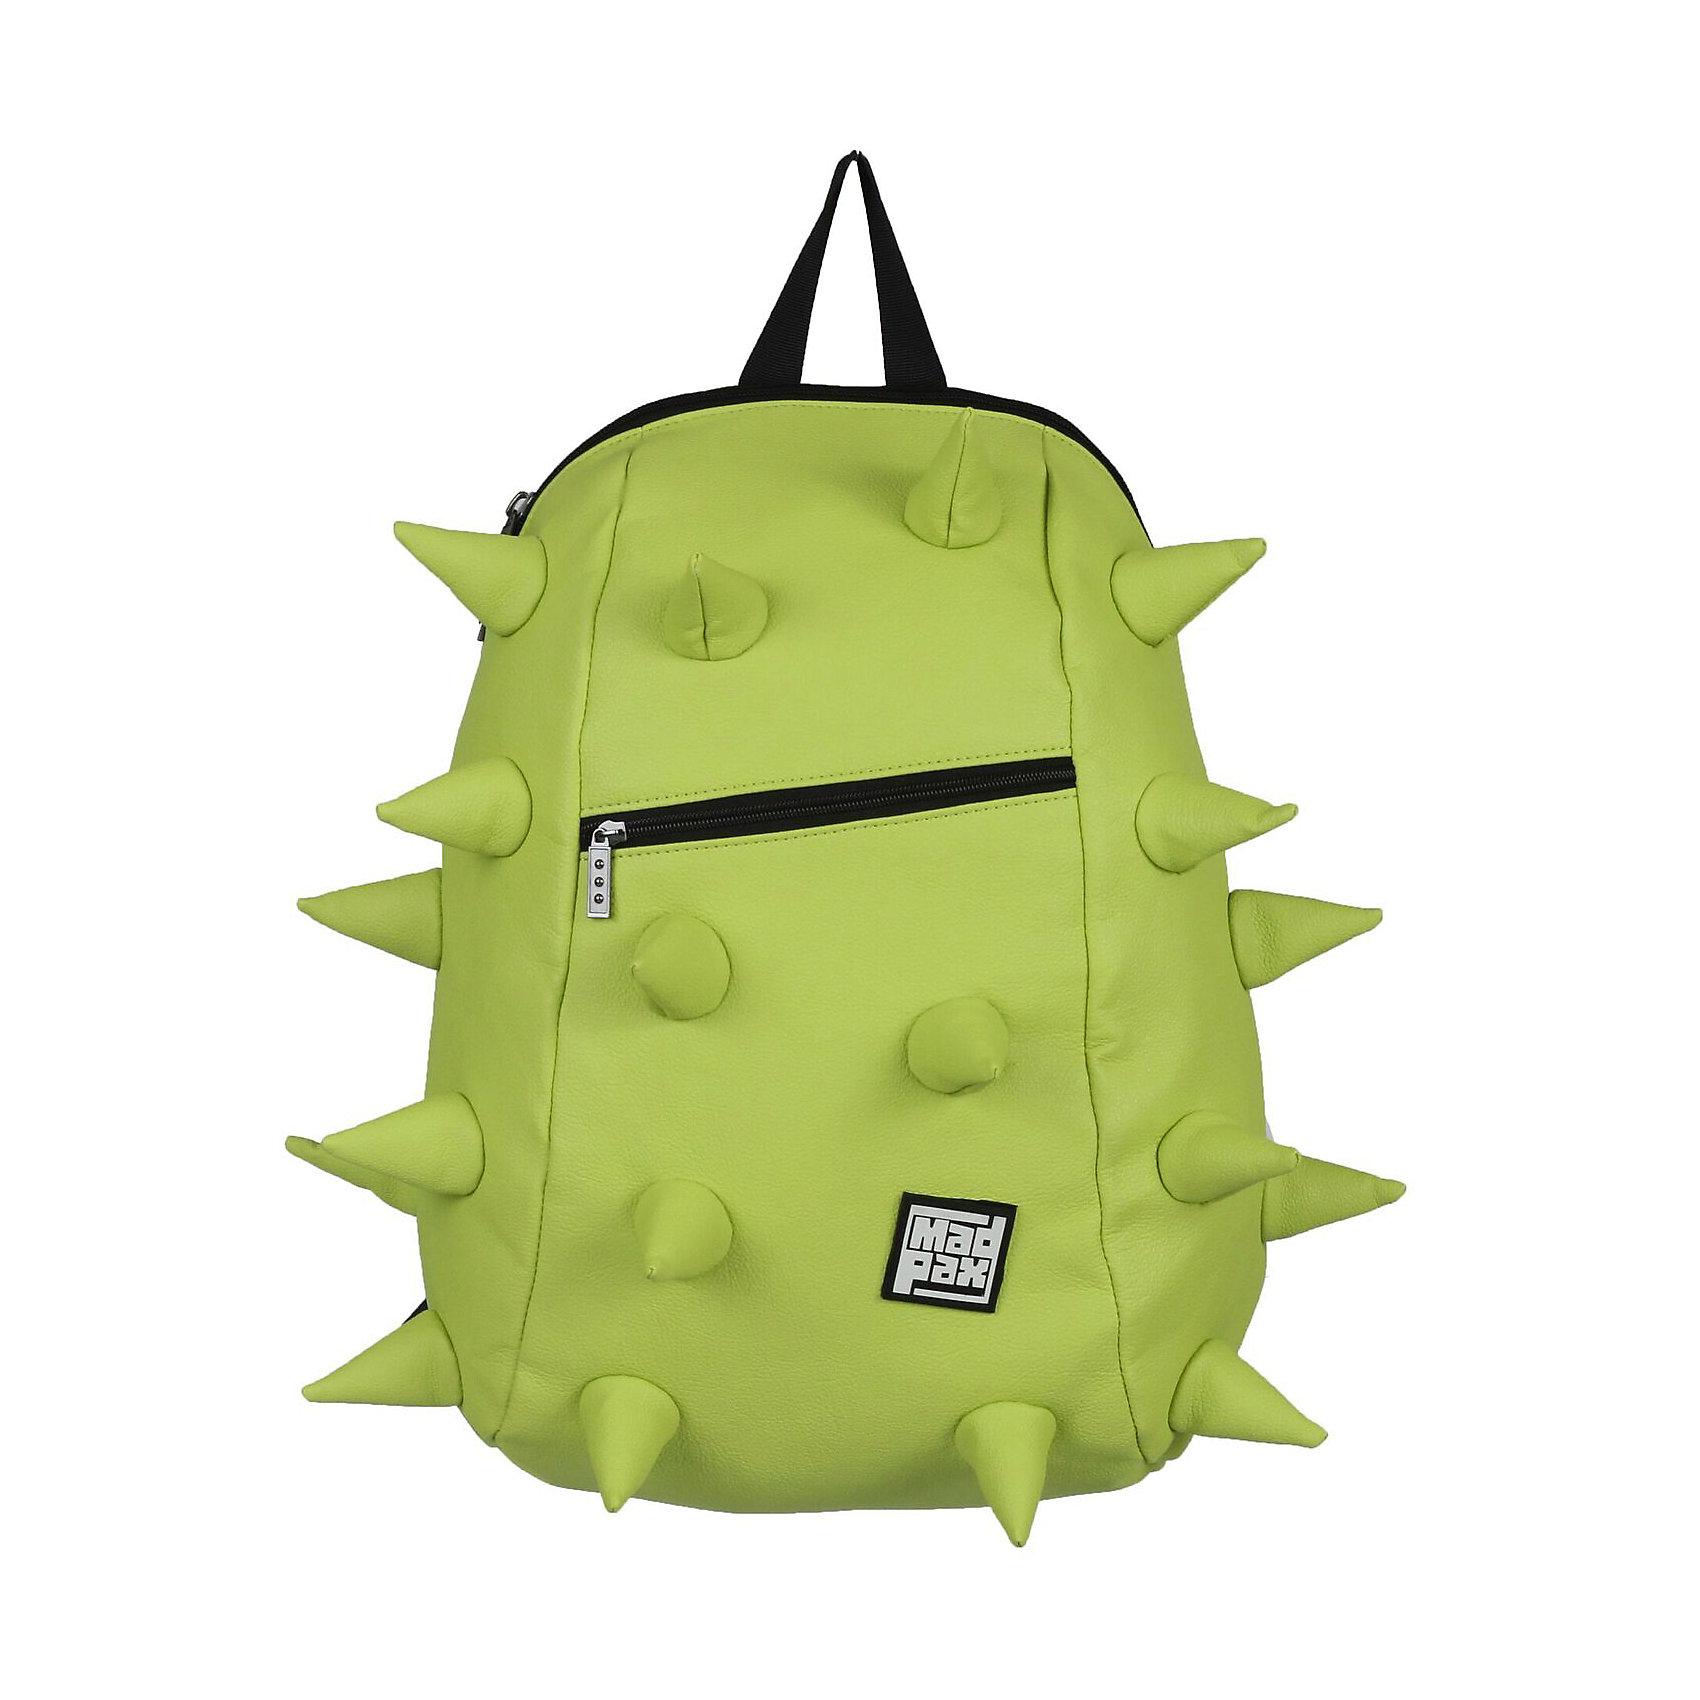 Рюкзак Rex VE  Full Front Zipper Lime, цвет лаймРюкзаки<br>Характеристики товара:<br><br>• цвет: Front Zipper Lime (лайм);<br>• возраст: от 5 лет;<br>• вес: 0,8 кг;<br>• размер: 46х36х20 см;<br>• особенности модели: с пузырями;<br>• одно основное отделение на молнии;<br>• мягкие воздухопроницаемые широкие лямки;<br>• ортопедическая спинка с мягкой обивкой;<br>• фронтальный карман на молнии;<br>• материал: полиуретан;<br>• страна бренда: США;<br>• страна изготовитель: Китай.<br><br>Стильный и практичный рюкзак уместный в ритме большого города. <br><br>Закрывается на молнию. Модель помимо лямки для переноски в руке, имеет мягкие и широкие регулируемые лямки. Стильное дополнение этой новинки является асимметричный карман на молнии спереди, что придает изделию дерзость и эффектность. Полностью вентилируемая и ортопедическая спинка создаёт дополнительный комфорт Вашей спине.<br><br>Рюкзак Madpax «Rex VE  Full» можно купить в нашем интернет-магазине.<br><br>Ширина мм: 460<br>Глубина мм: 360<br>Высота мм: 200<br>Вес г: 800<br>Возраст от месяцев: 60<br>Возраст до месяцев: 720<br>Пол: Унисекс<br>Возраст: Детский<br>SKU: 7054100